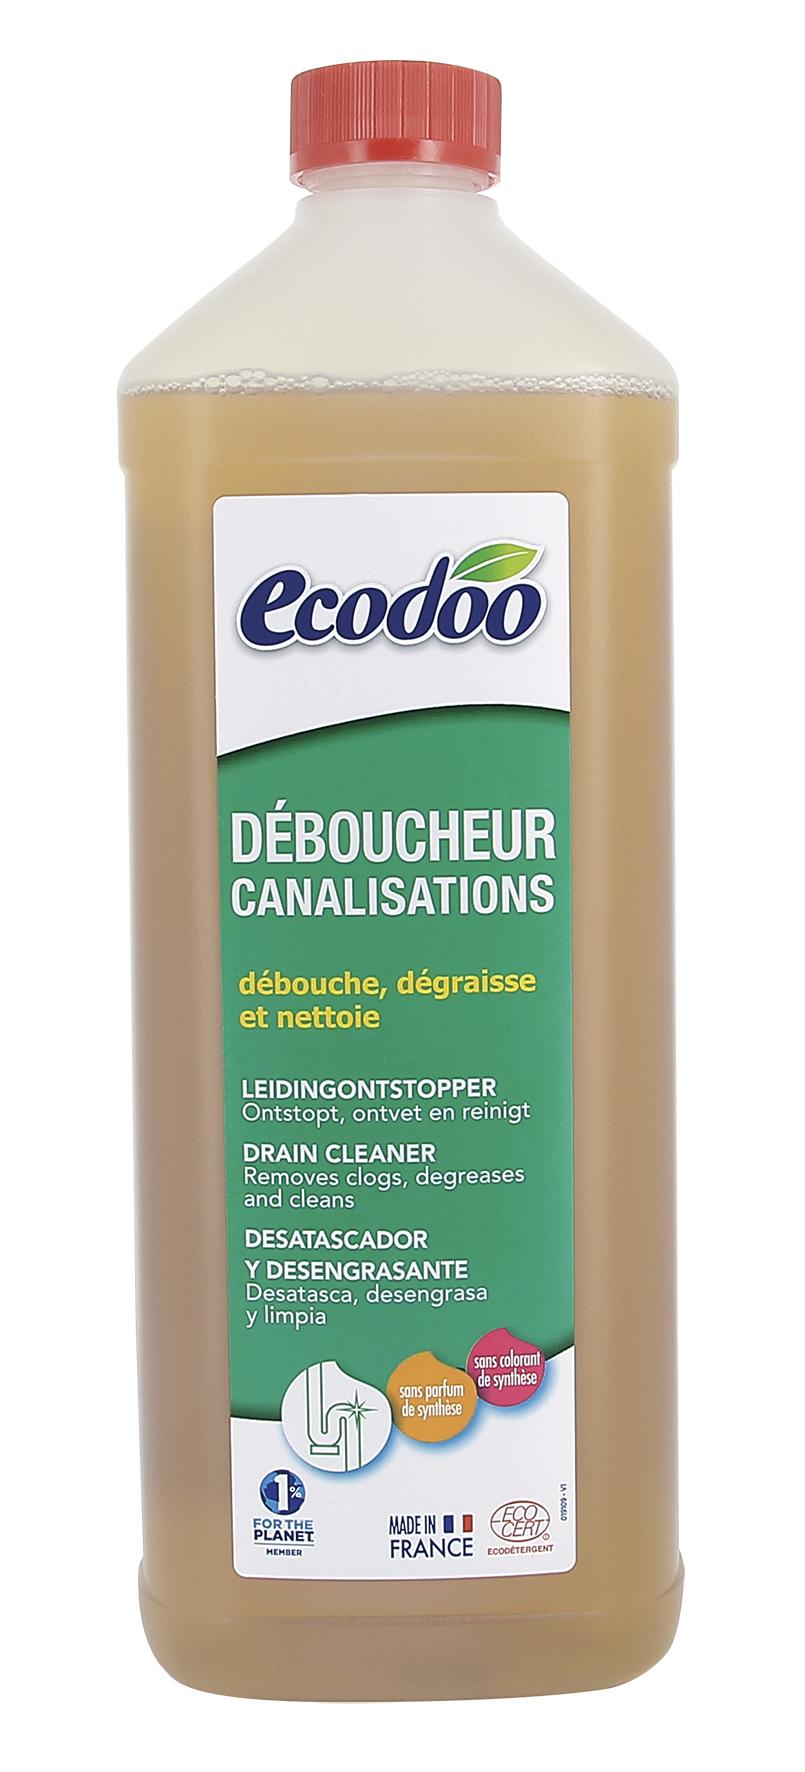 Déboucheur pour canalisations, Ecodoo (1 l)